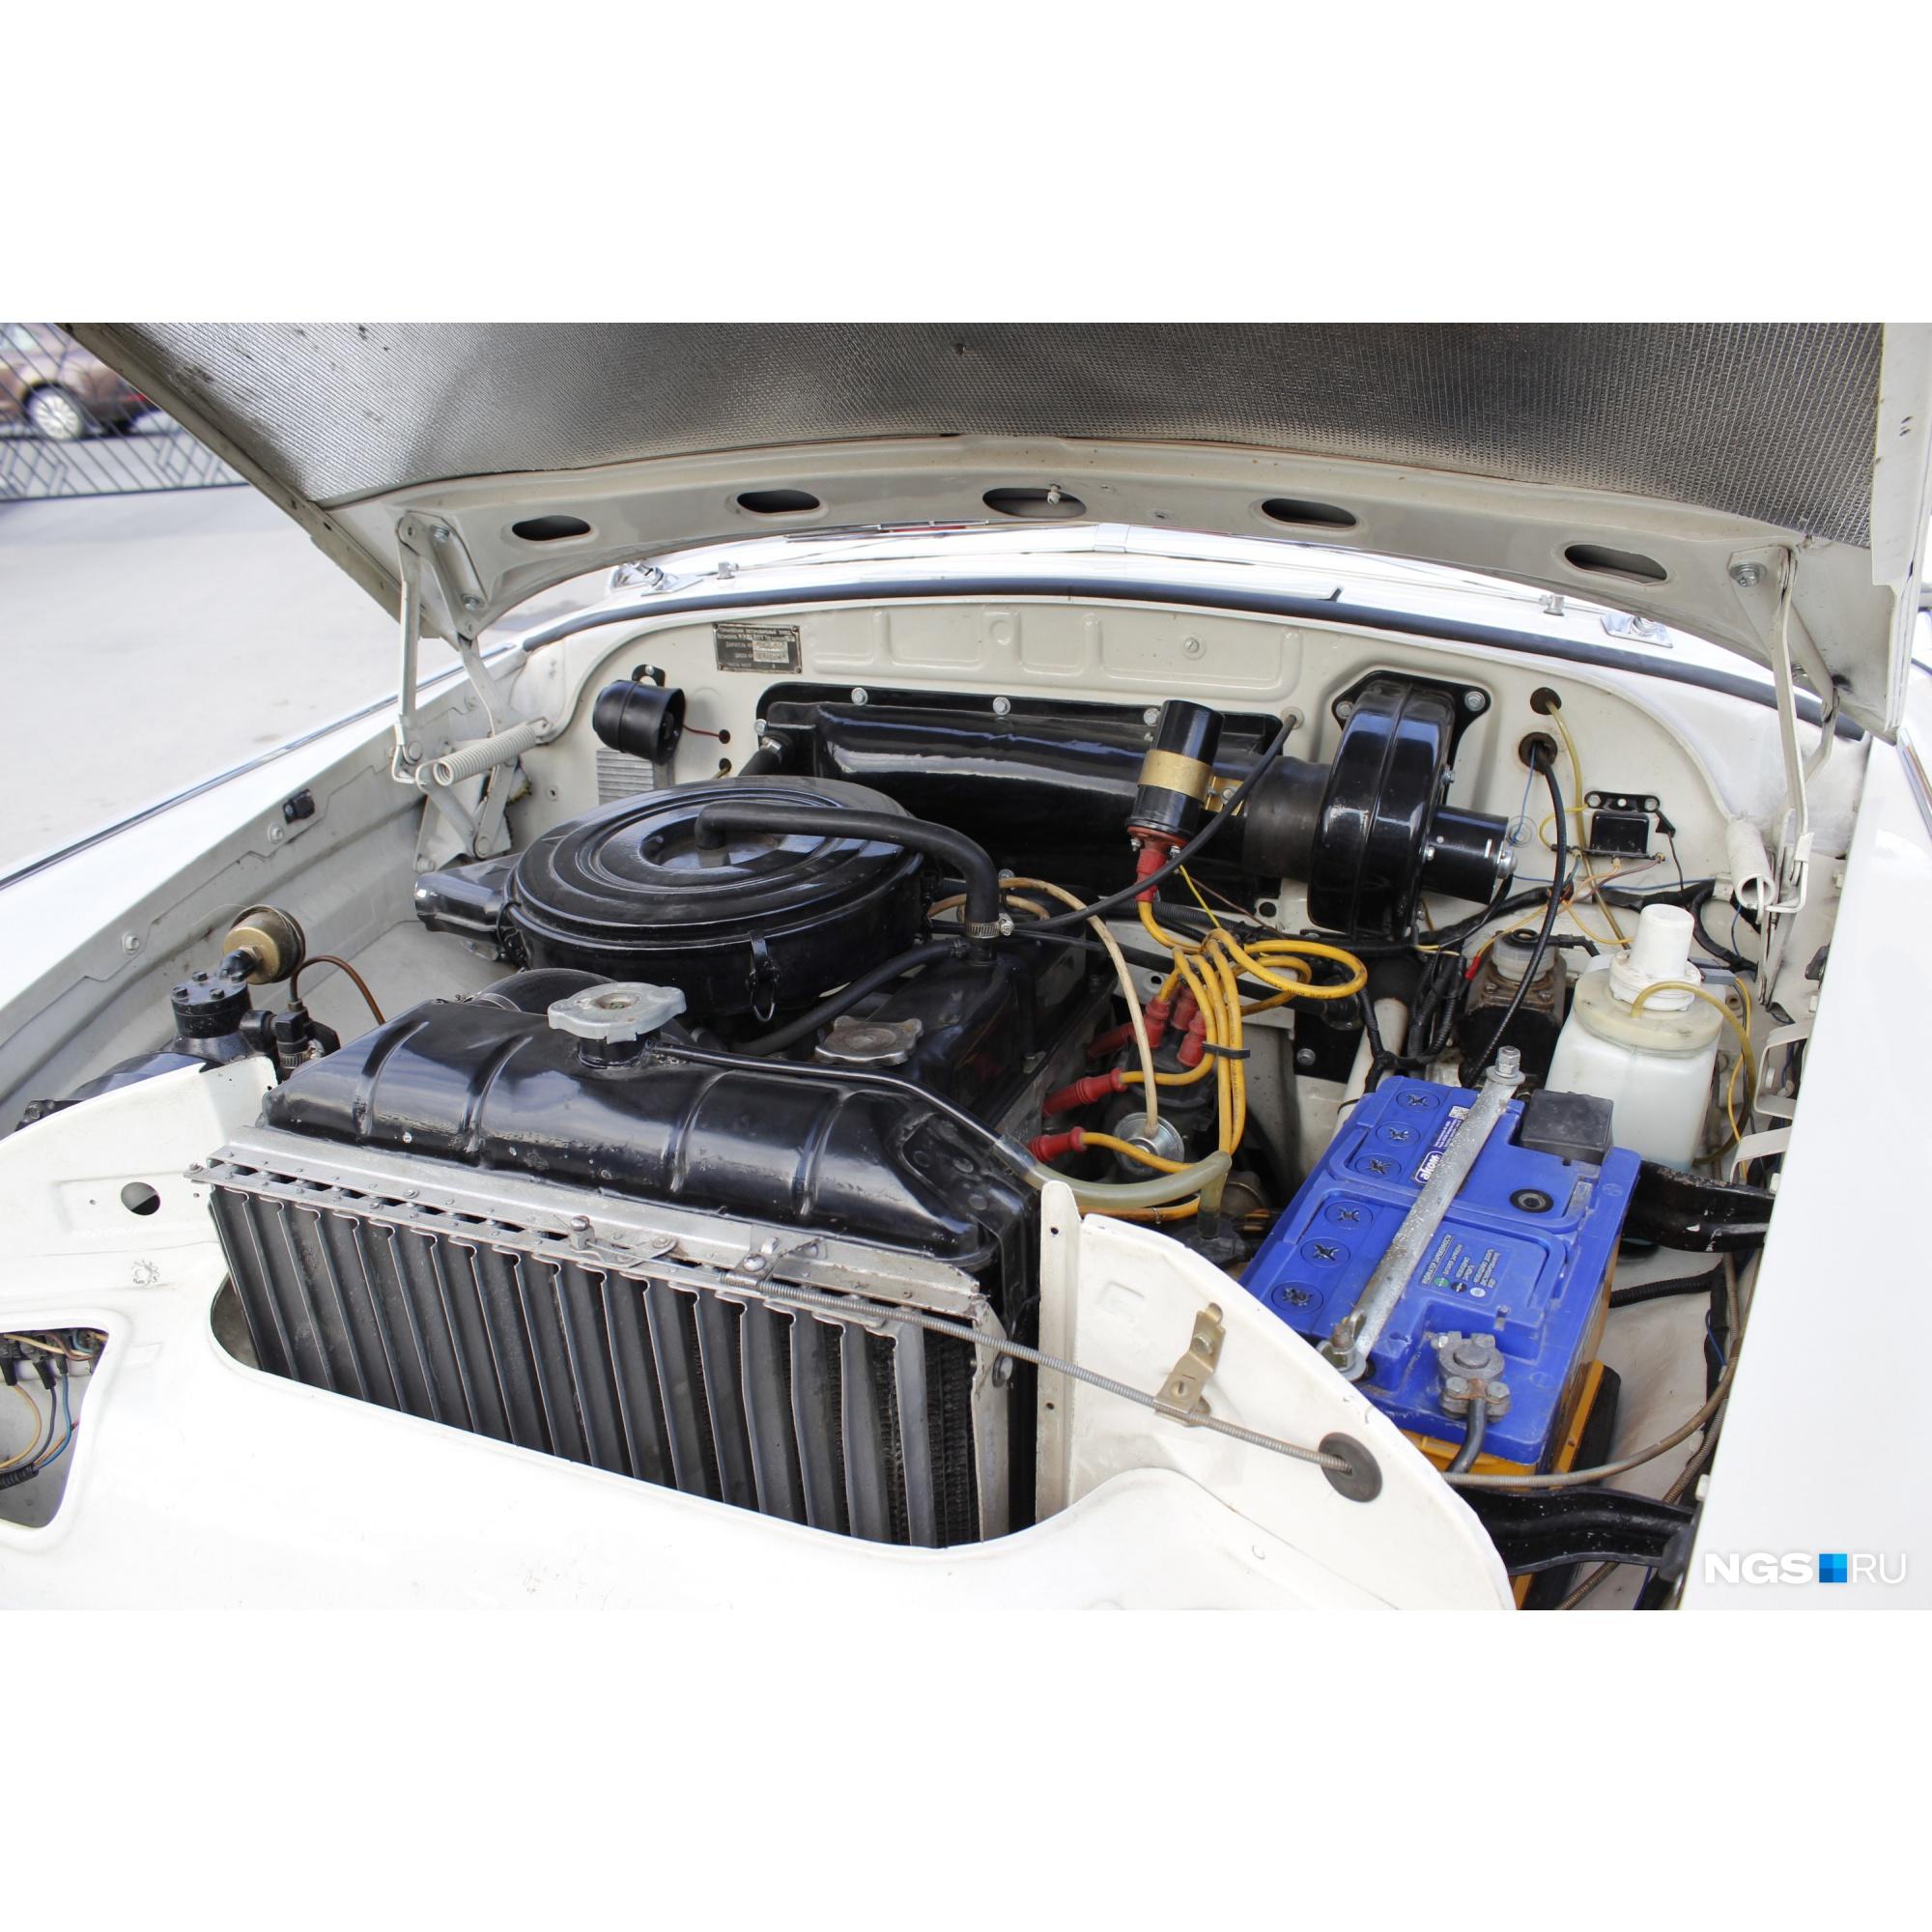 Отремонтирован радиатор